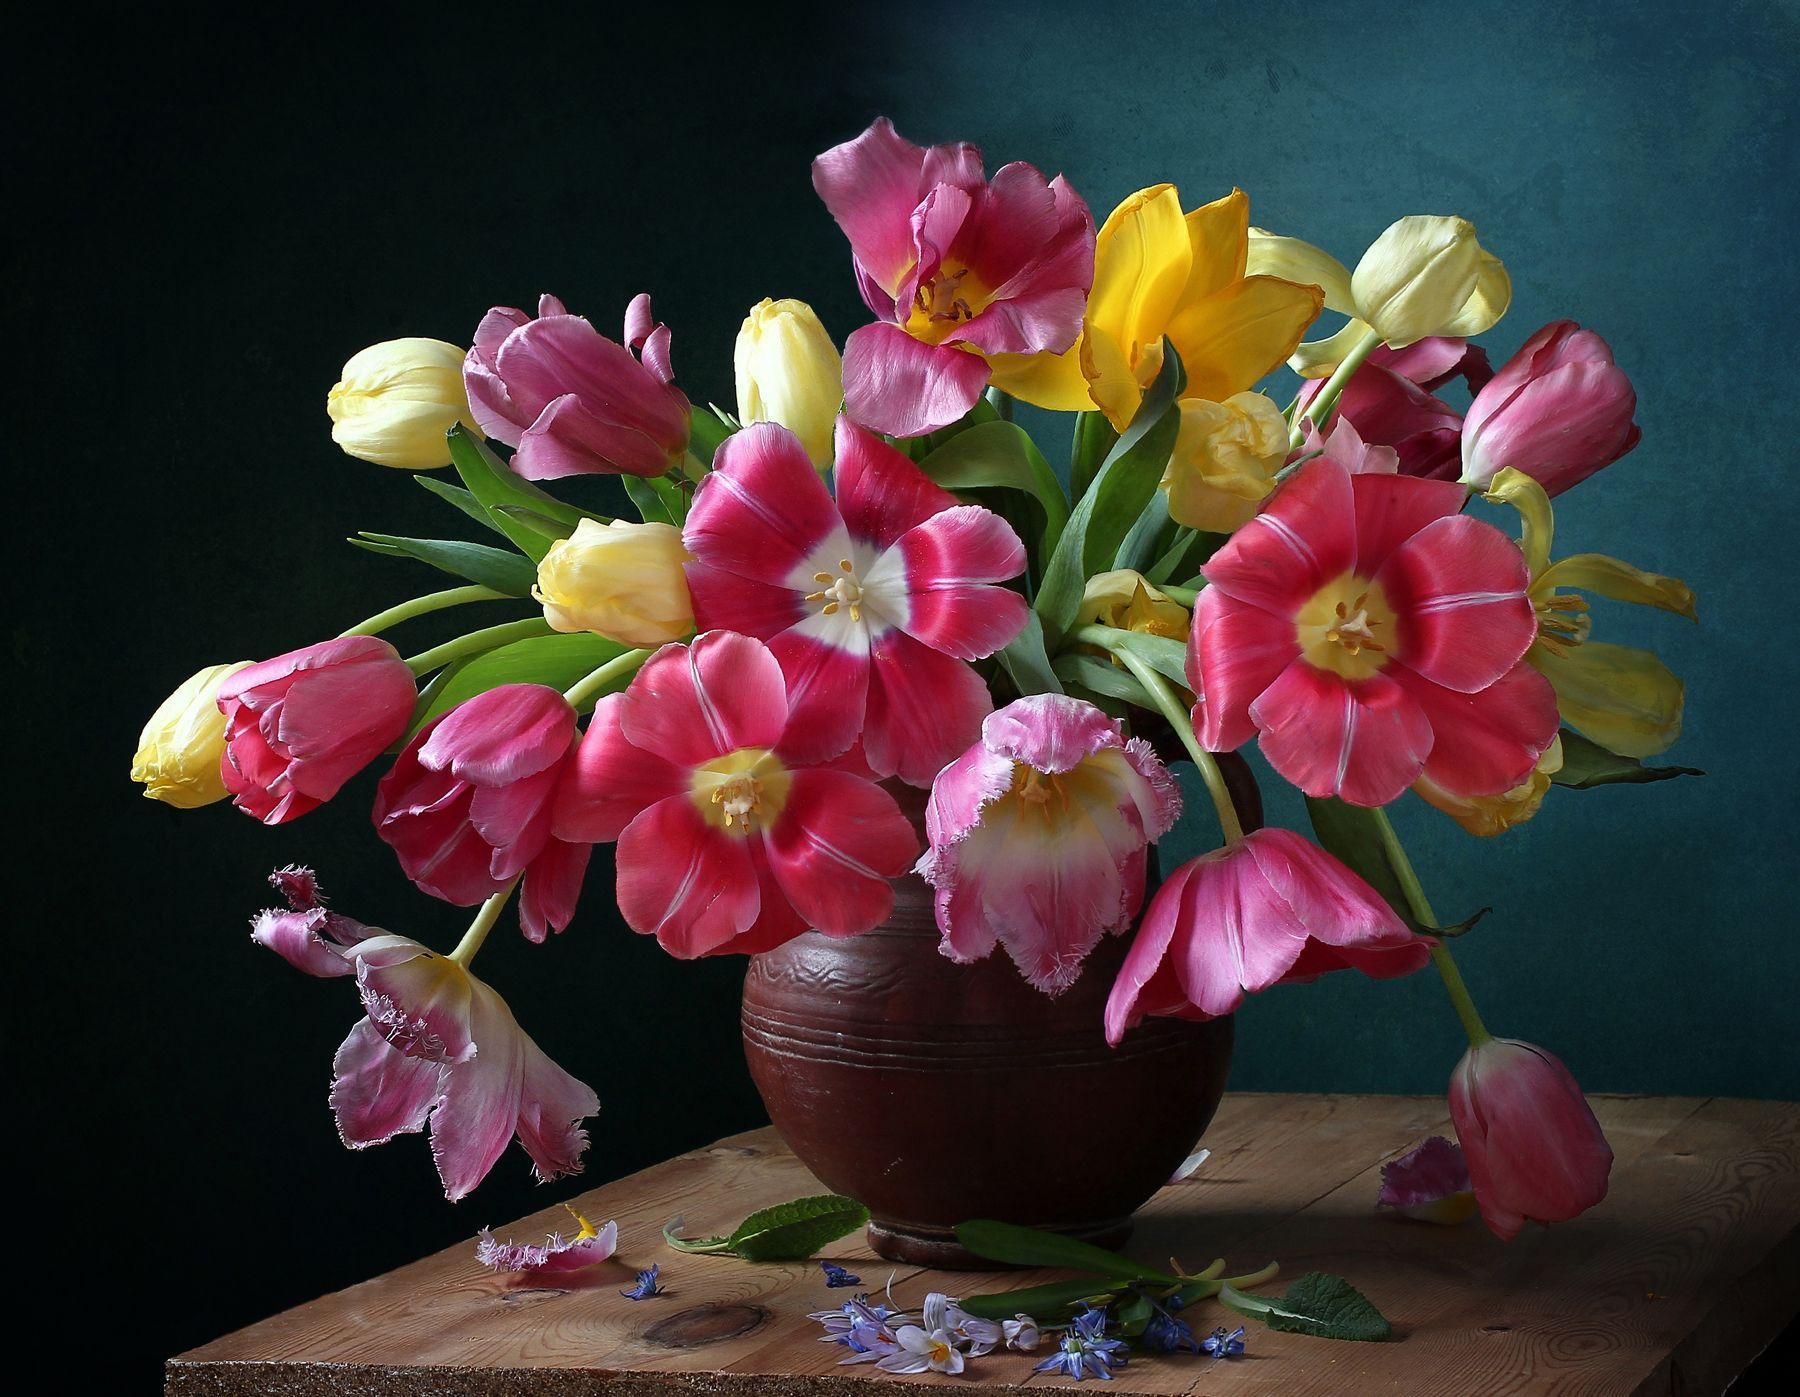 Предвестники весны. Фотограф Филатова Марина | Цветы ...